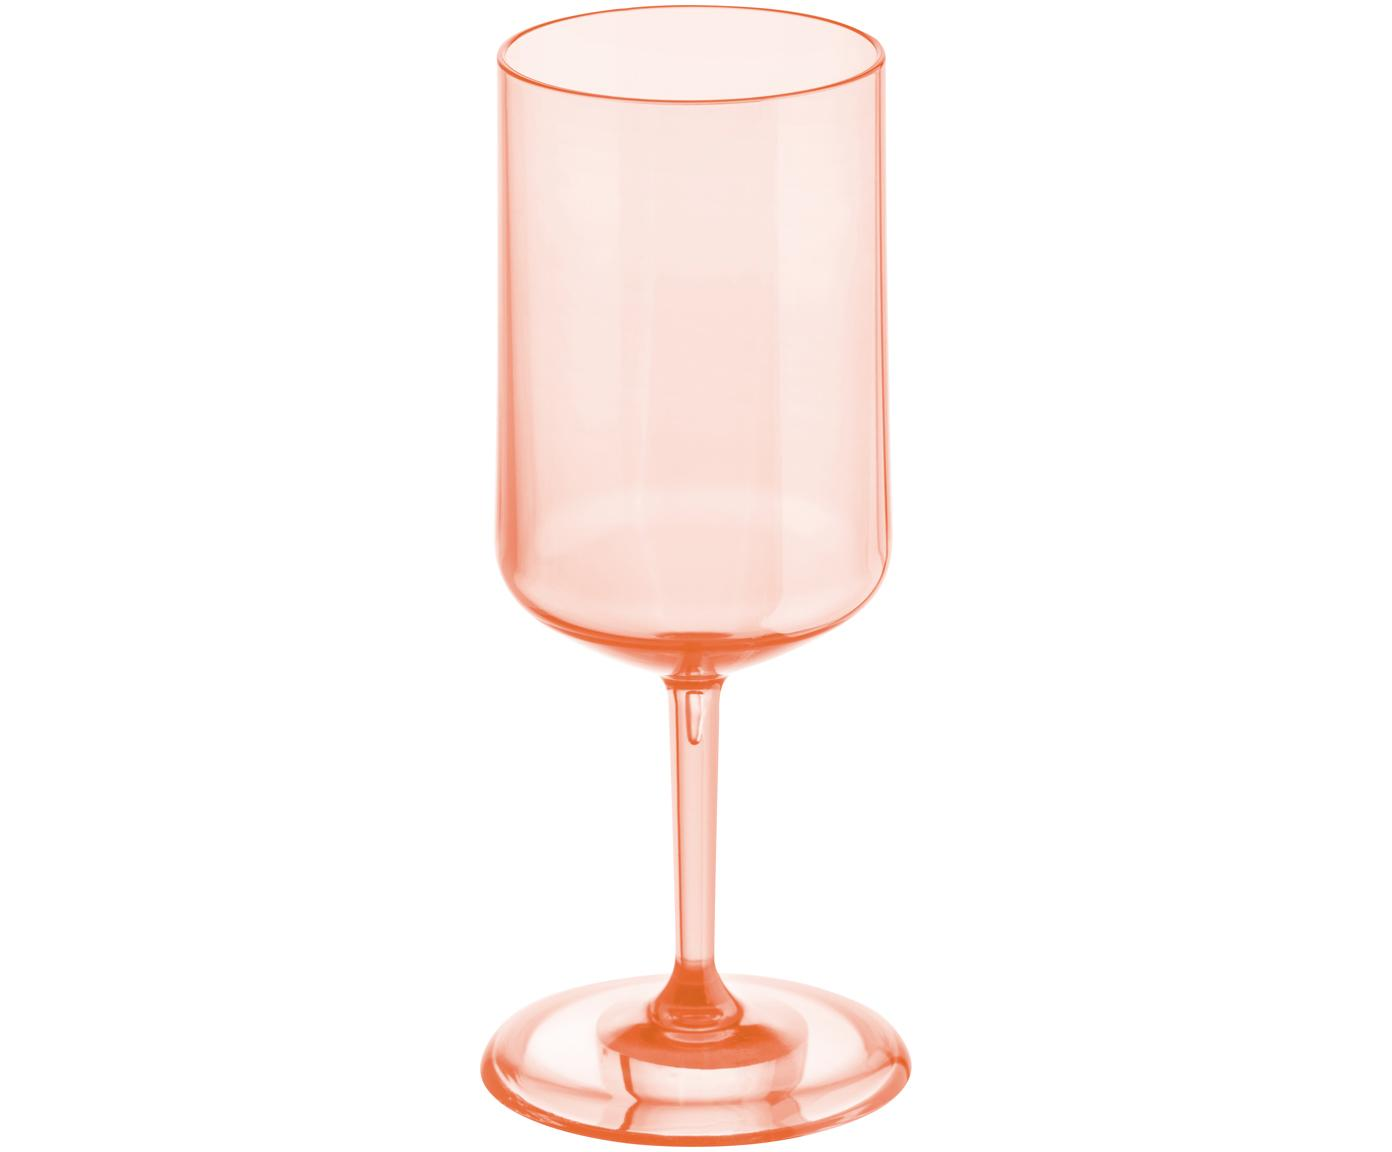 Nietłukący się kieliszek do wina z tworzywa sztucznego Cheers, Tworzywo termoplastyczne (włókno szklane), Różowoczerwony, transparentny, Ø 9 x W 21 cm